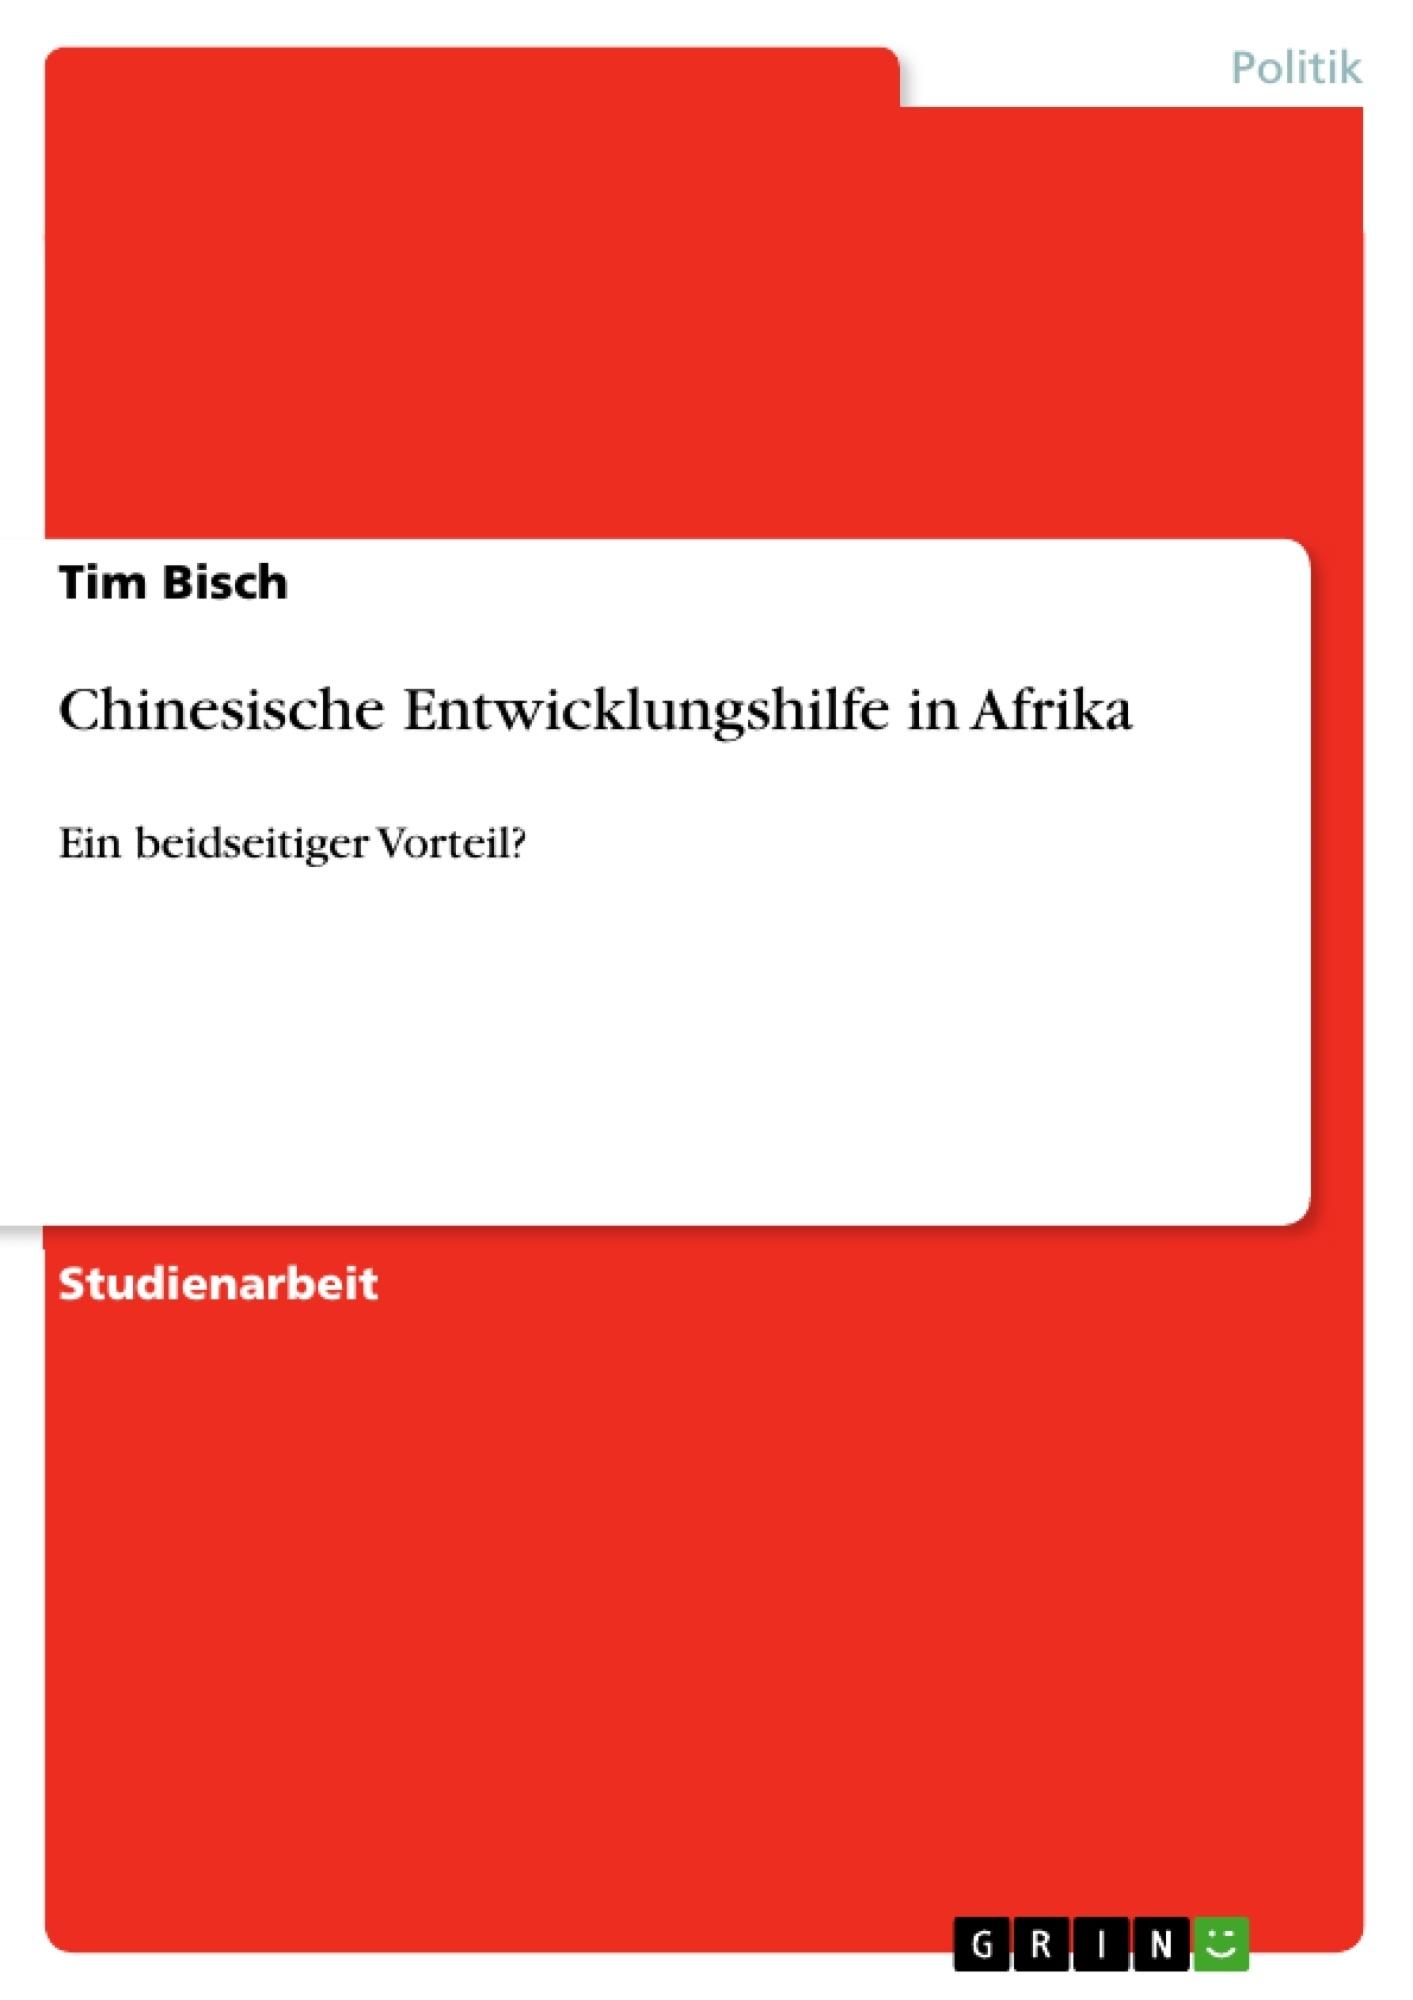 Titel: Chinesische Entwicklungshilfe in Afrika